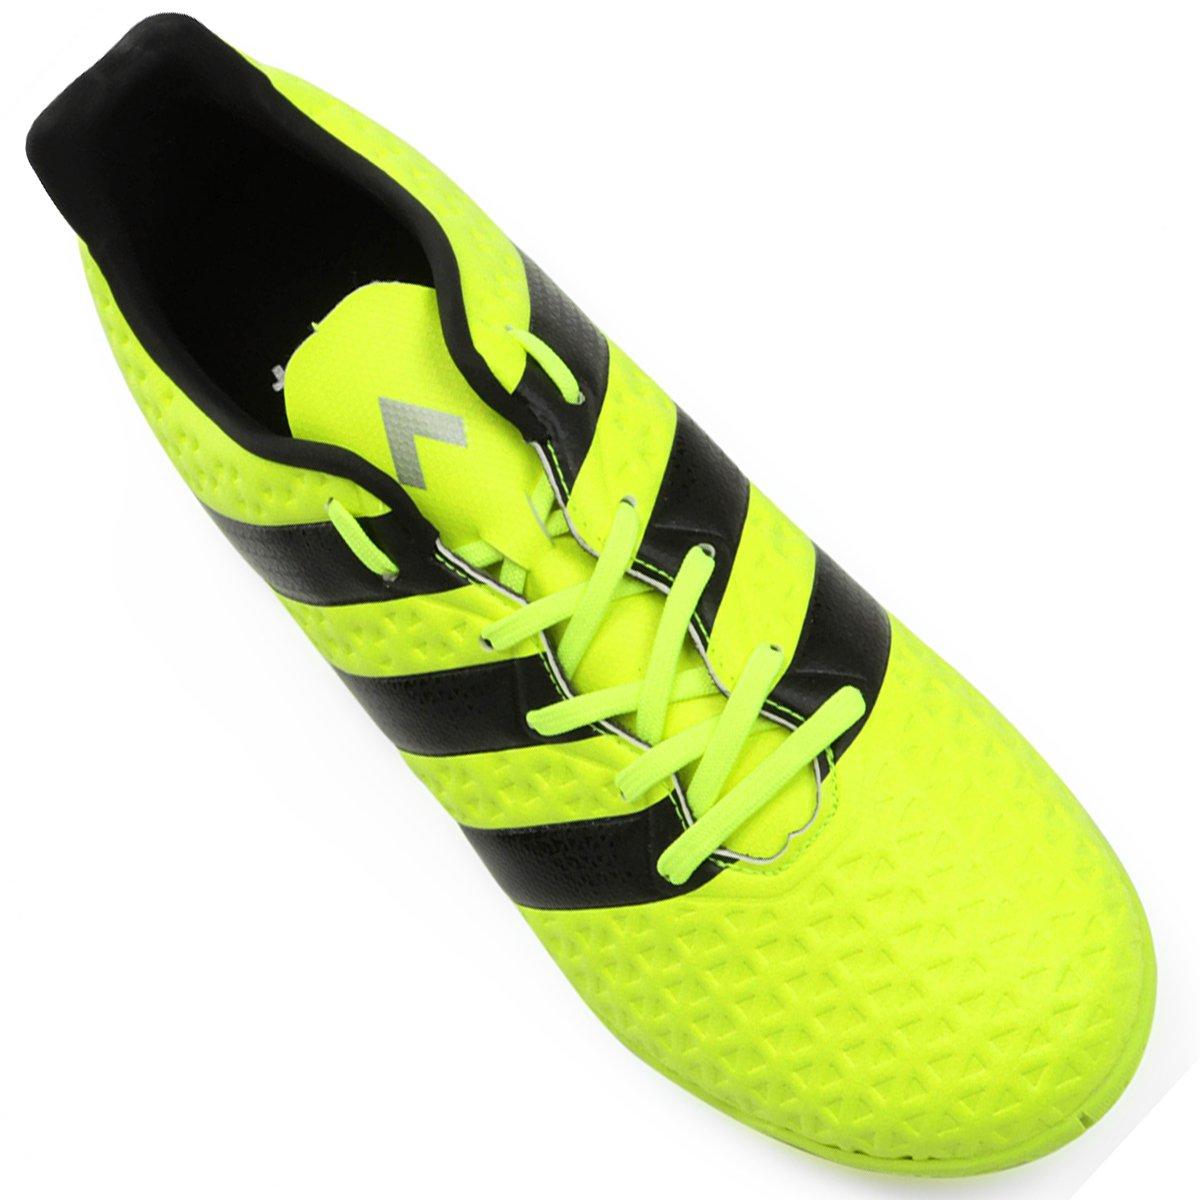 ... Preto Chuteira 4 Futsal Verde Adidas Limão Masculina Ace e IN 16 6v6qP e8a19aef1464d